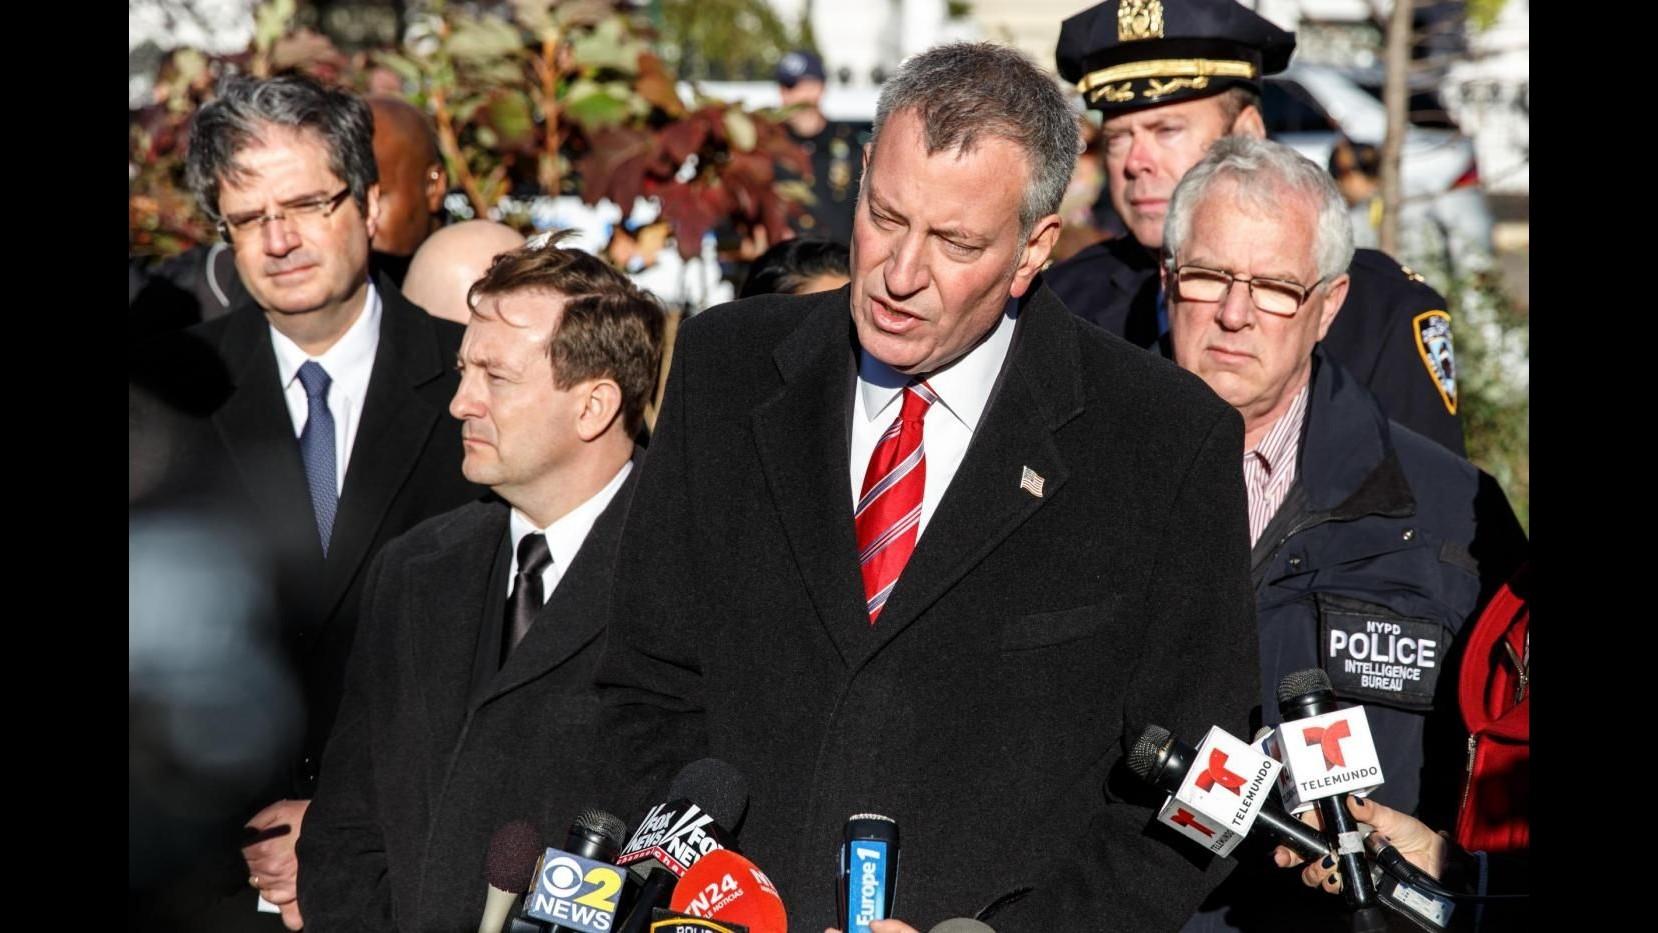 Terrorismo, sindaco New York: Nessuna minaccia credibile contro città